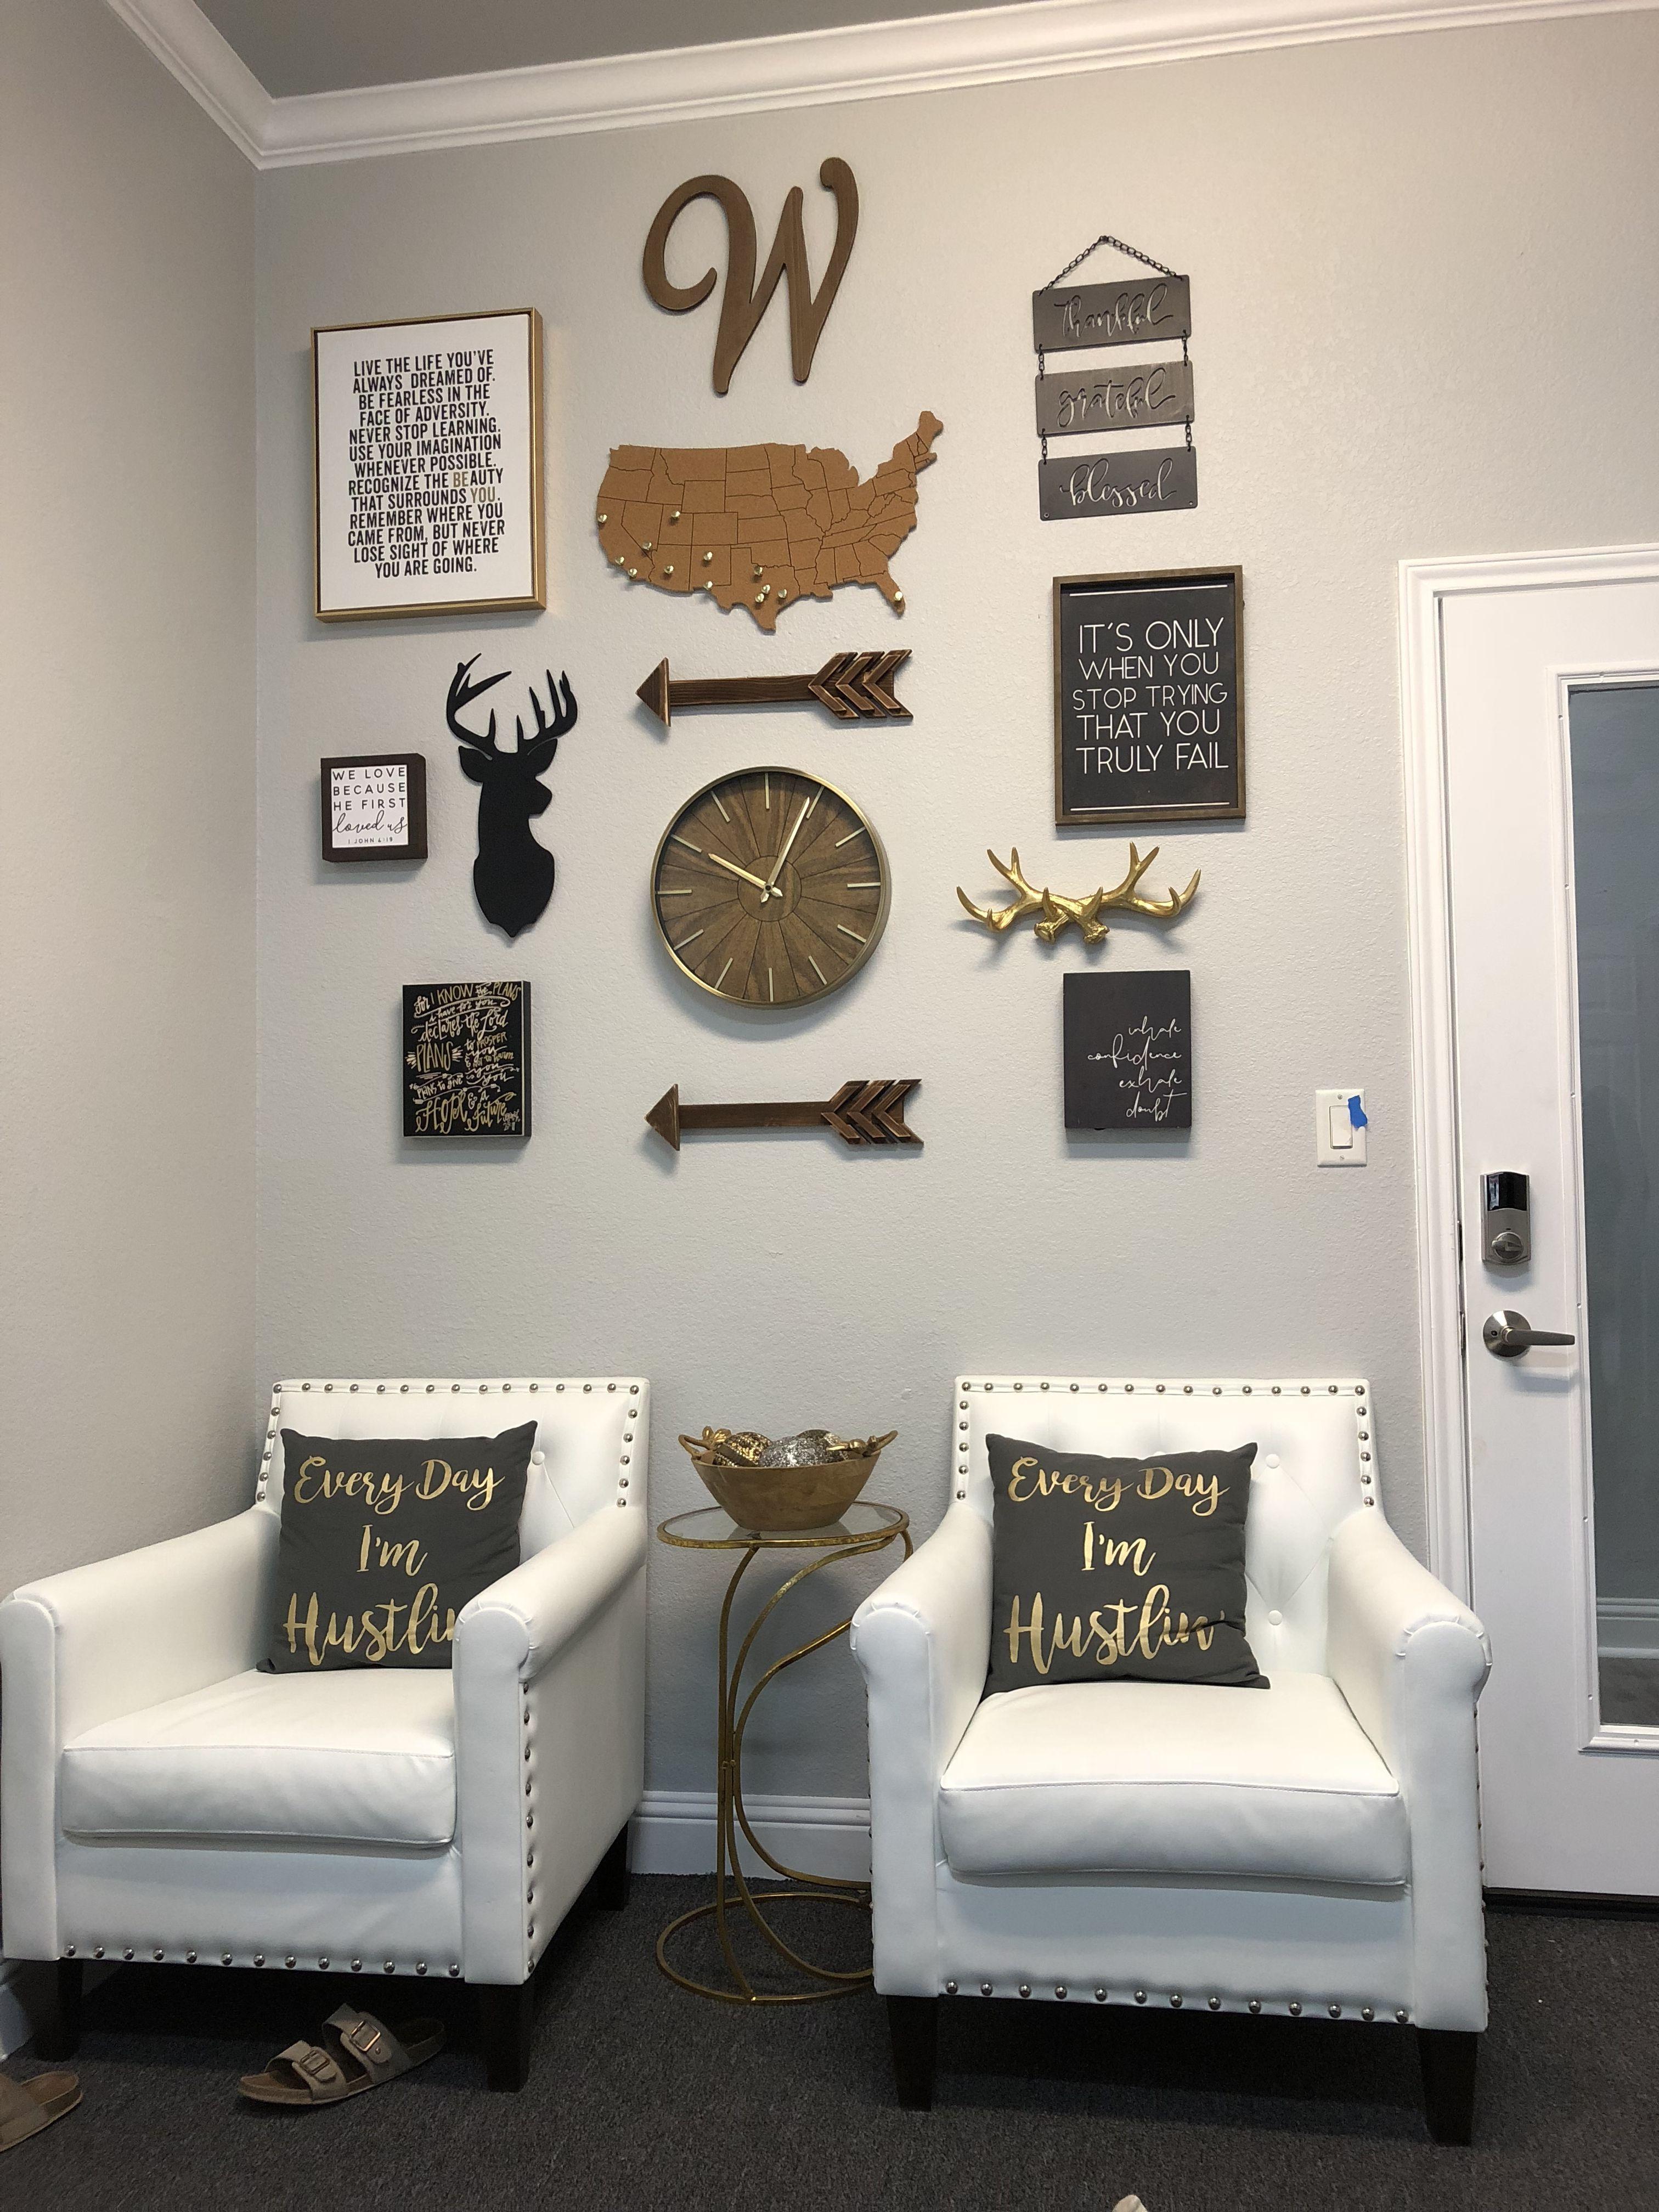 32 Creative Hobby Lobby Farmhouse Decor Ideas 25 Dining Room Wall Decor Country Decor Rustic Wall Decor Living Room